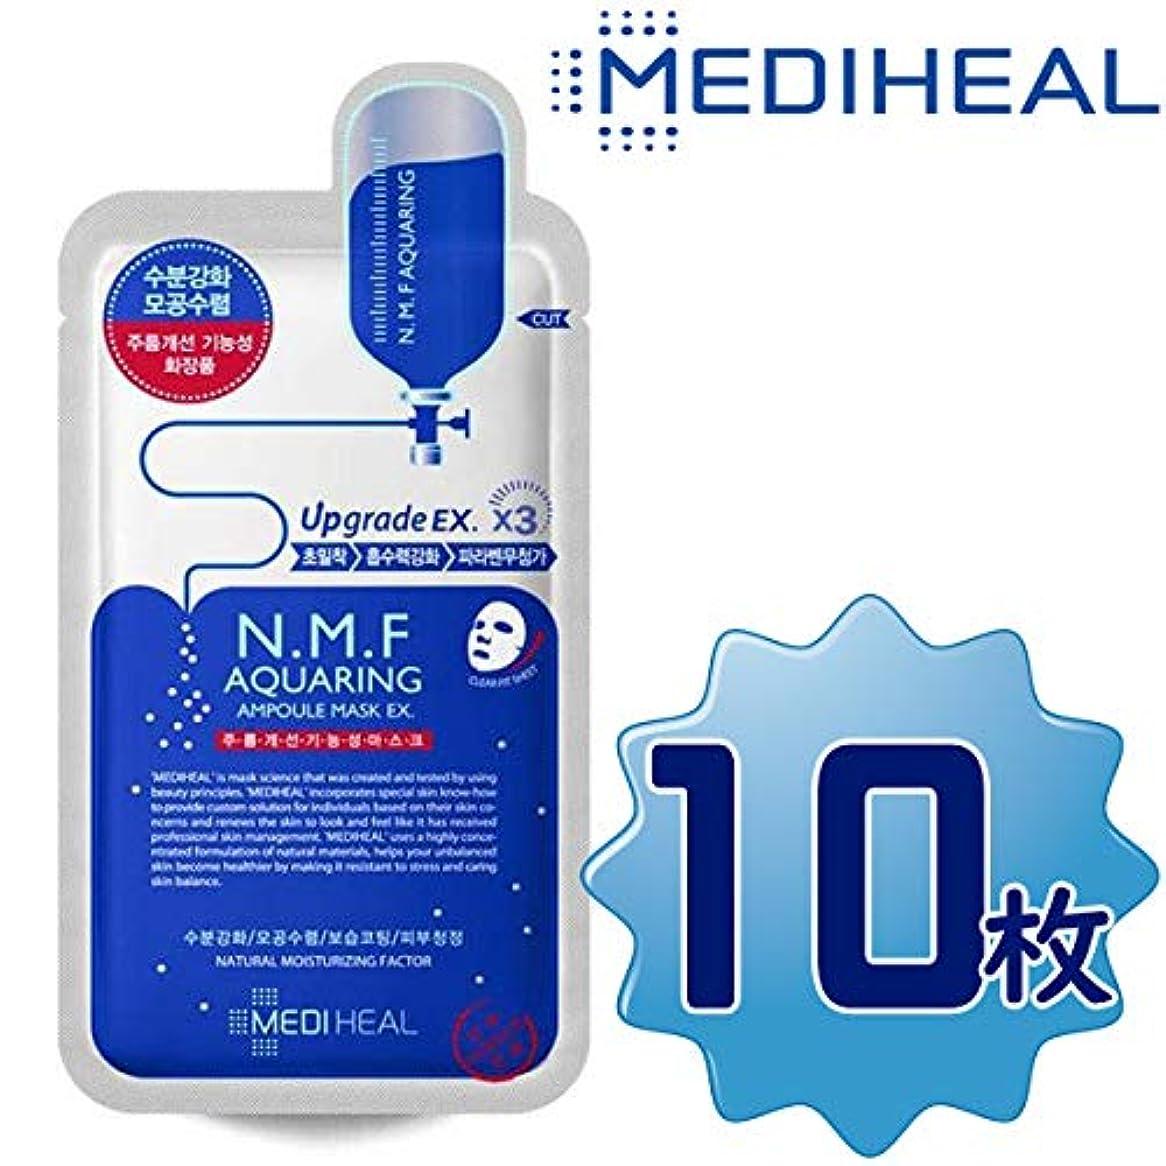 イブ雄弁家引用【正規輸入品】Mediheal メディヒール N.M.F アクアリング アンプル?マスクパックEX 10枚入り×1(Aquaring Ampoule Essential Mask PackEX 1box(10sheet)×1